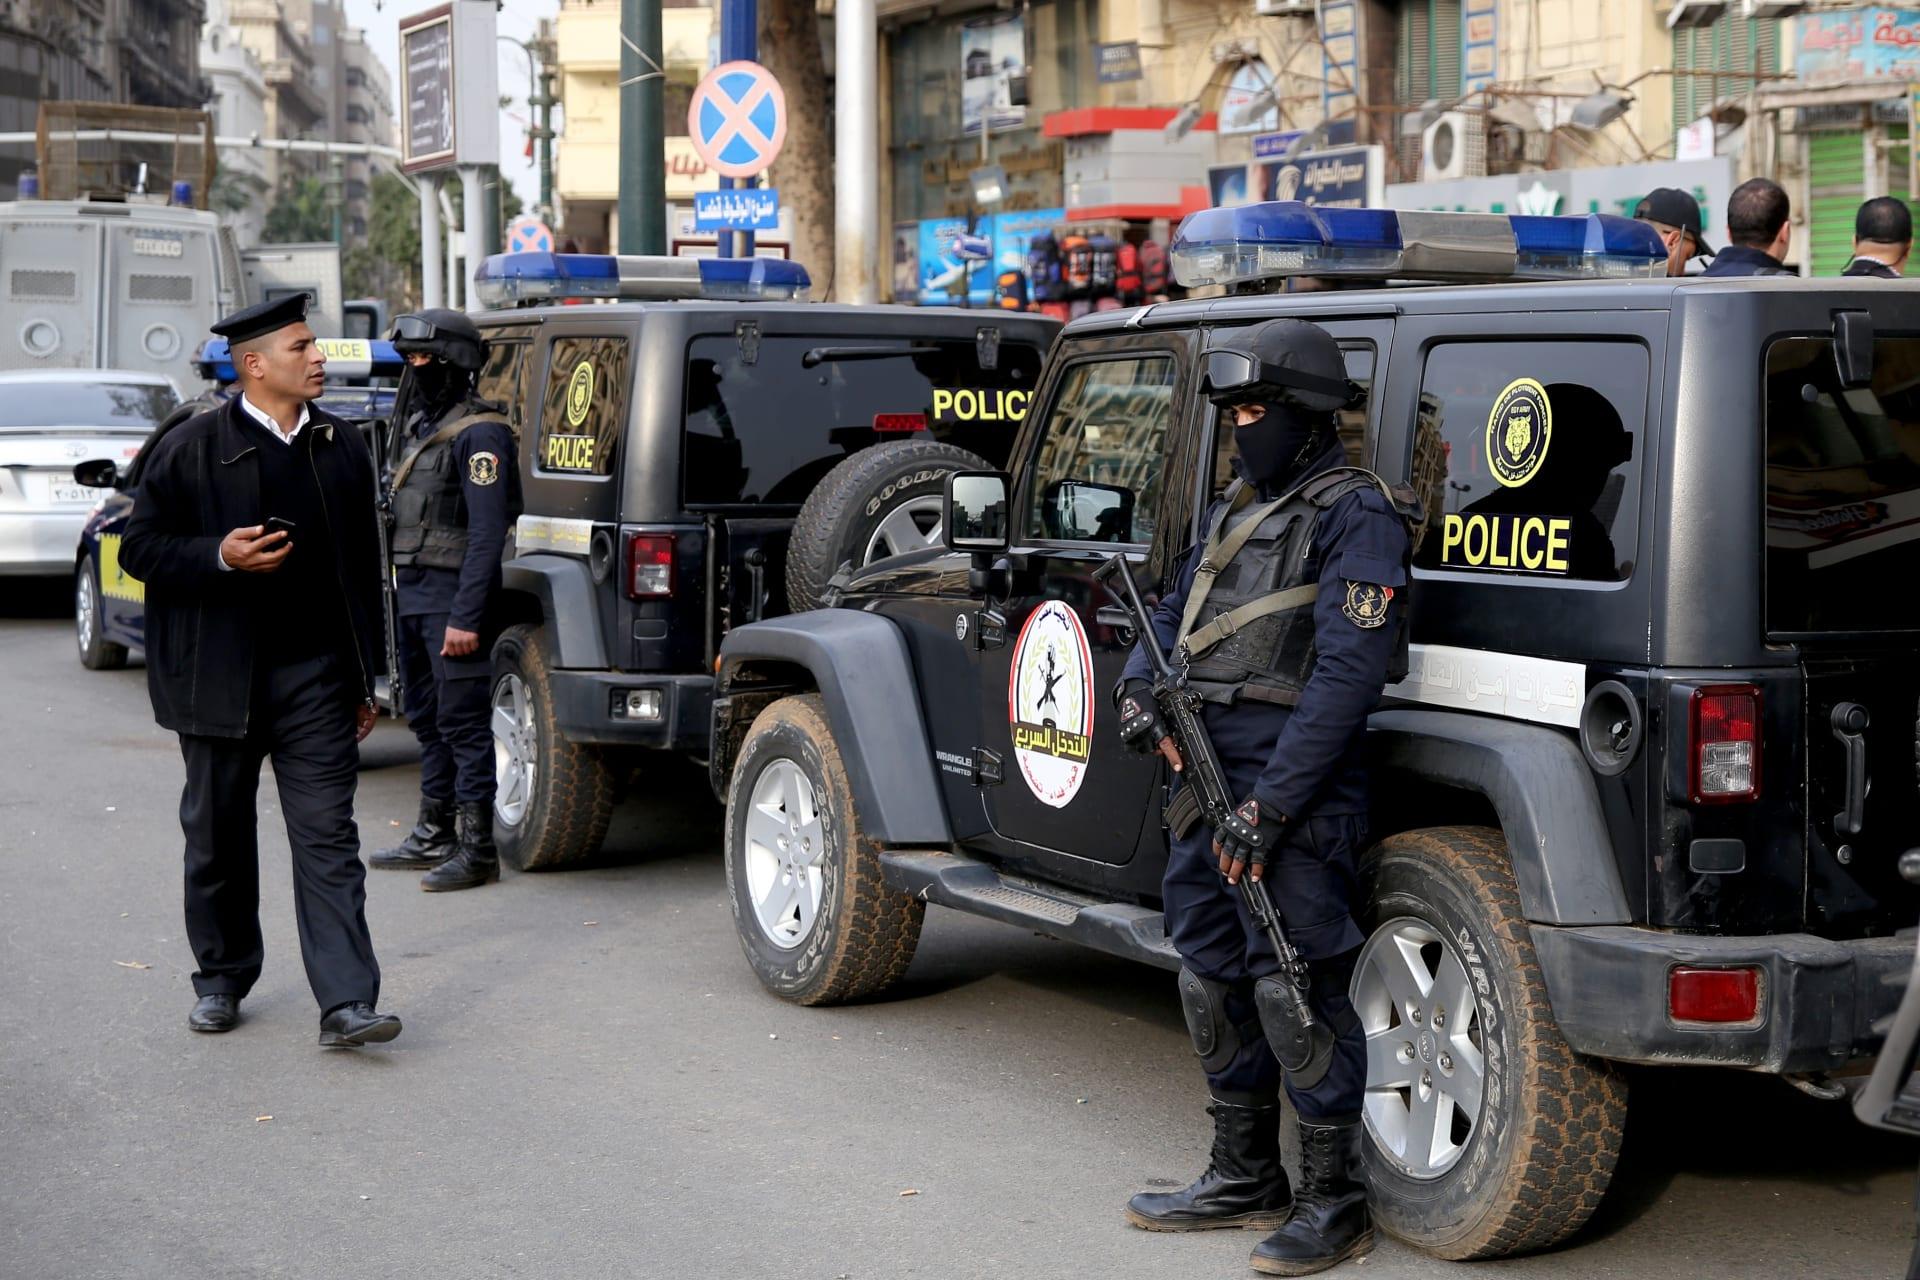 تفاصيل مقتل رئيس مباحث مركز شرطة قوص بقنا.. داخلية مصر توضح